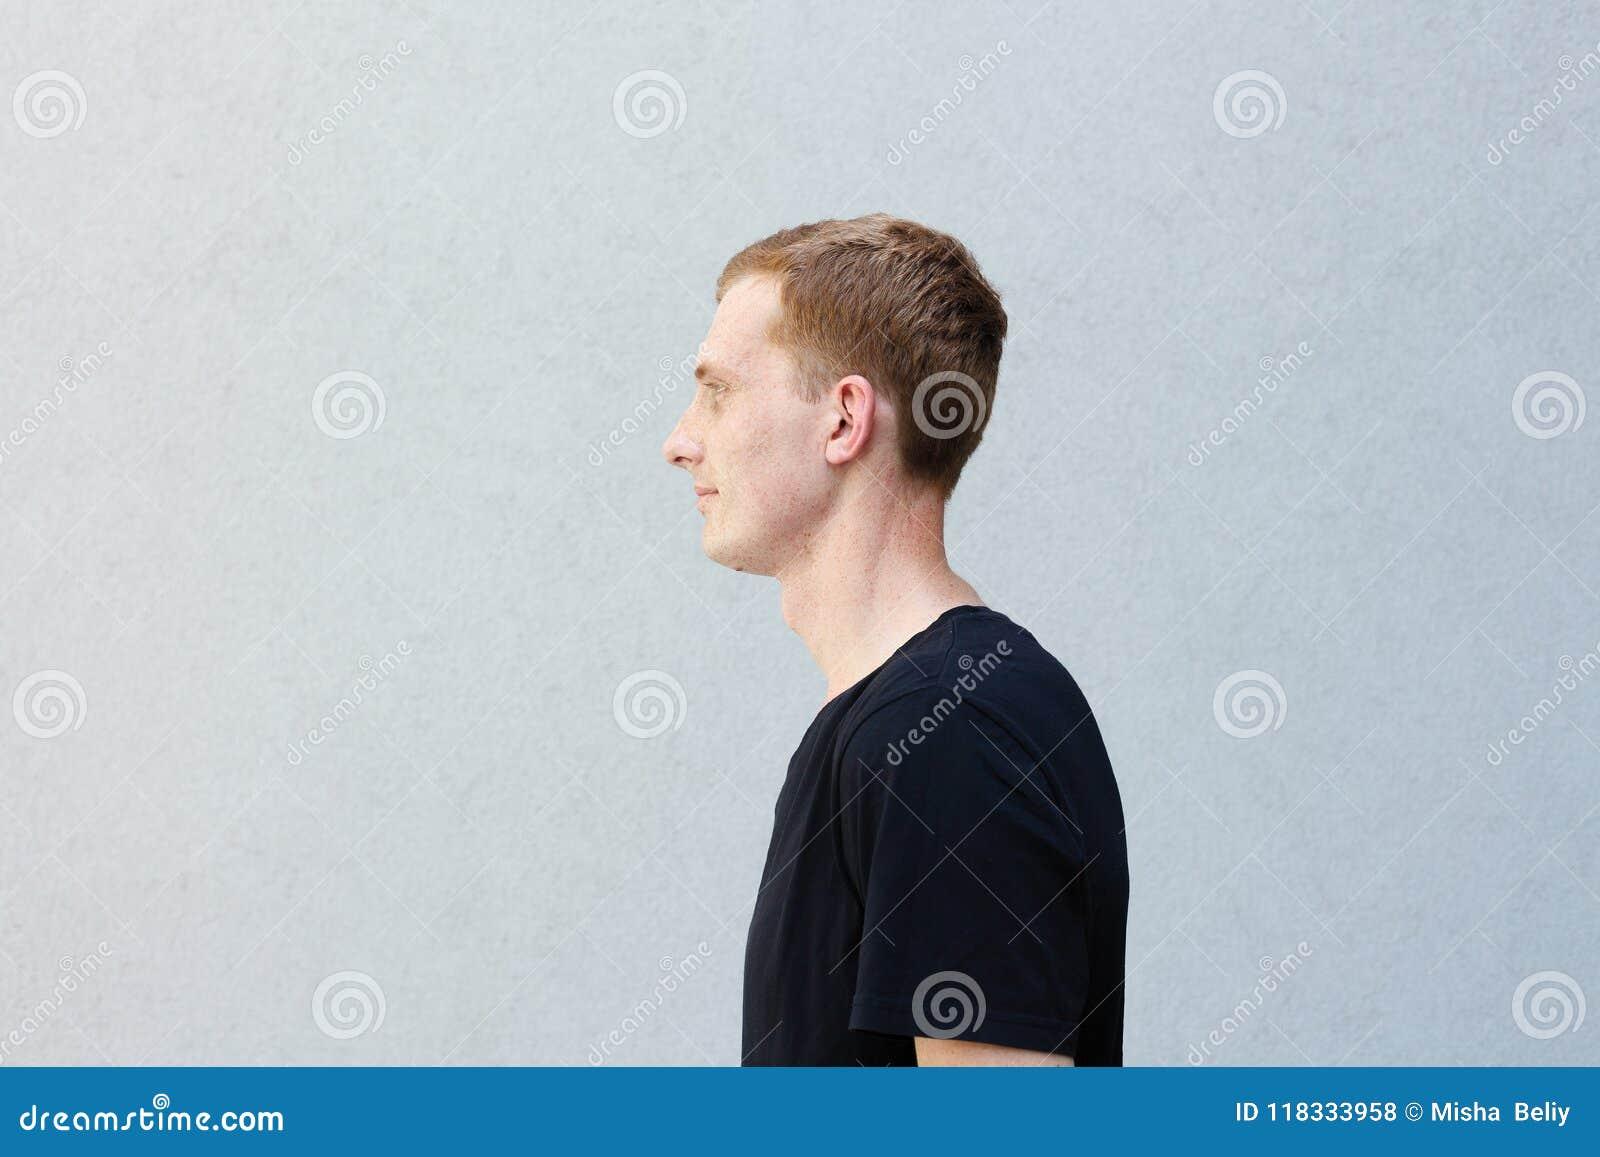 Ciérrese Retrato Individuo Encima Del Un De Pelirrojo GqSUzVMp